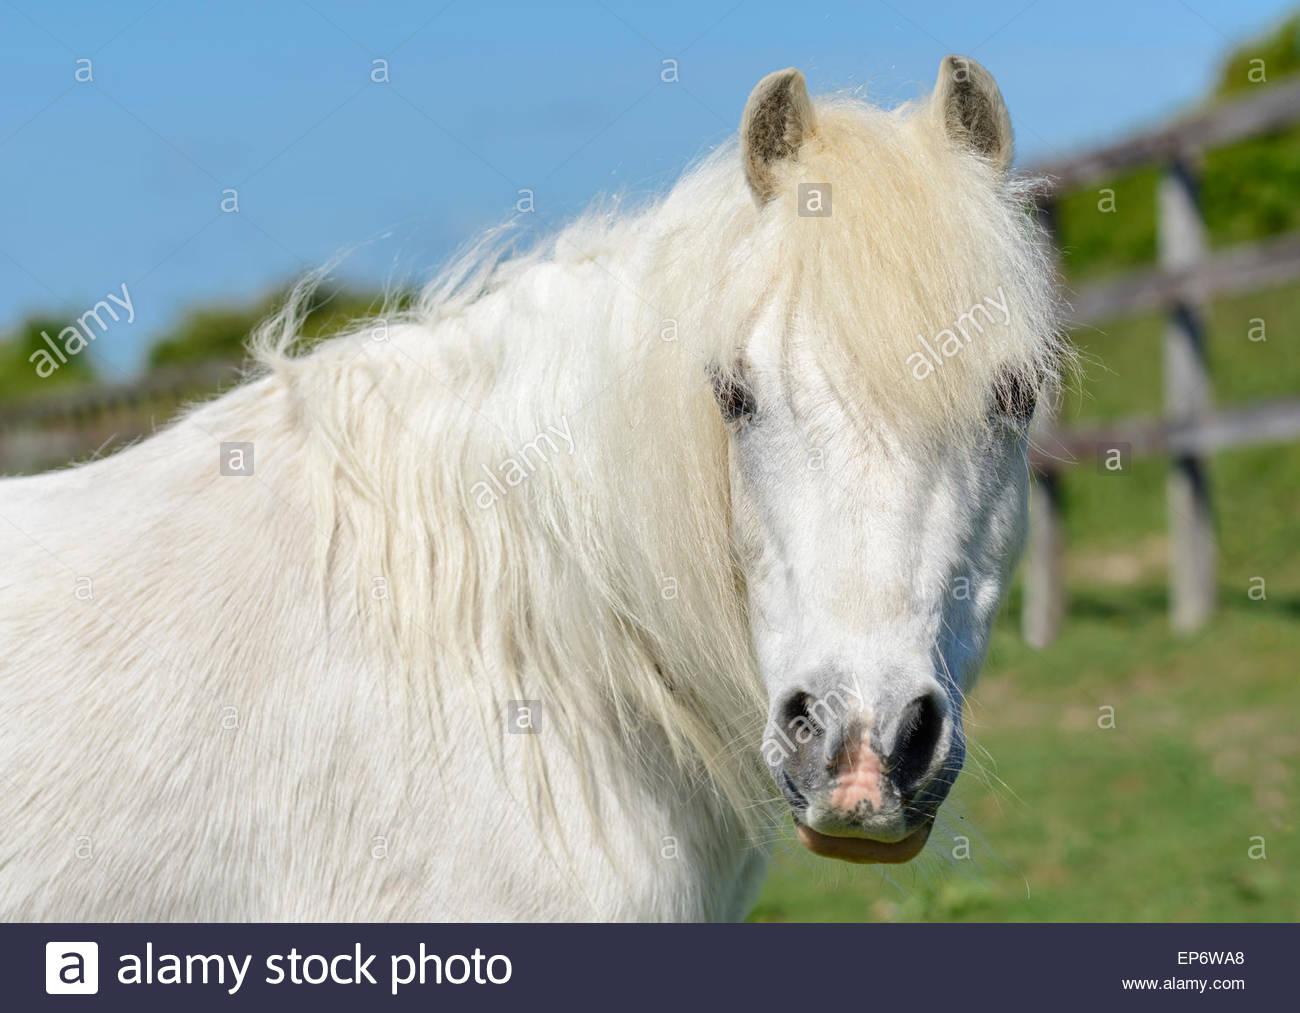 Branche de cheval blanc dans un champ à la recherche de l'appareil photo. Photo Stock